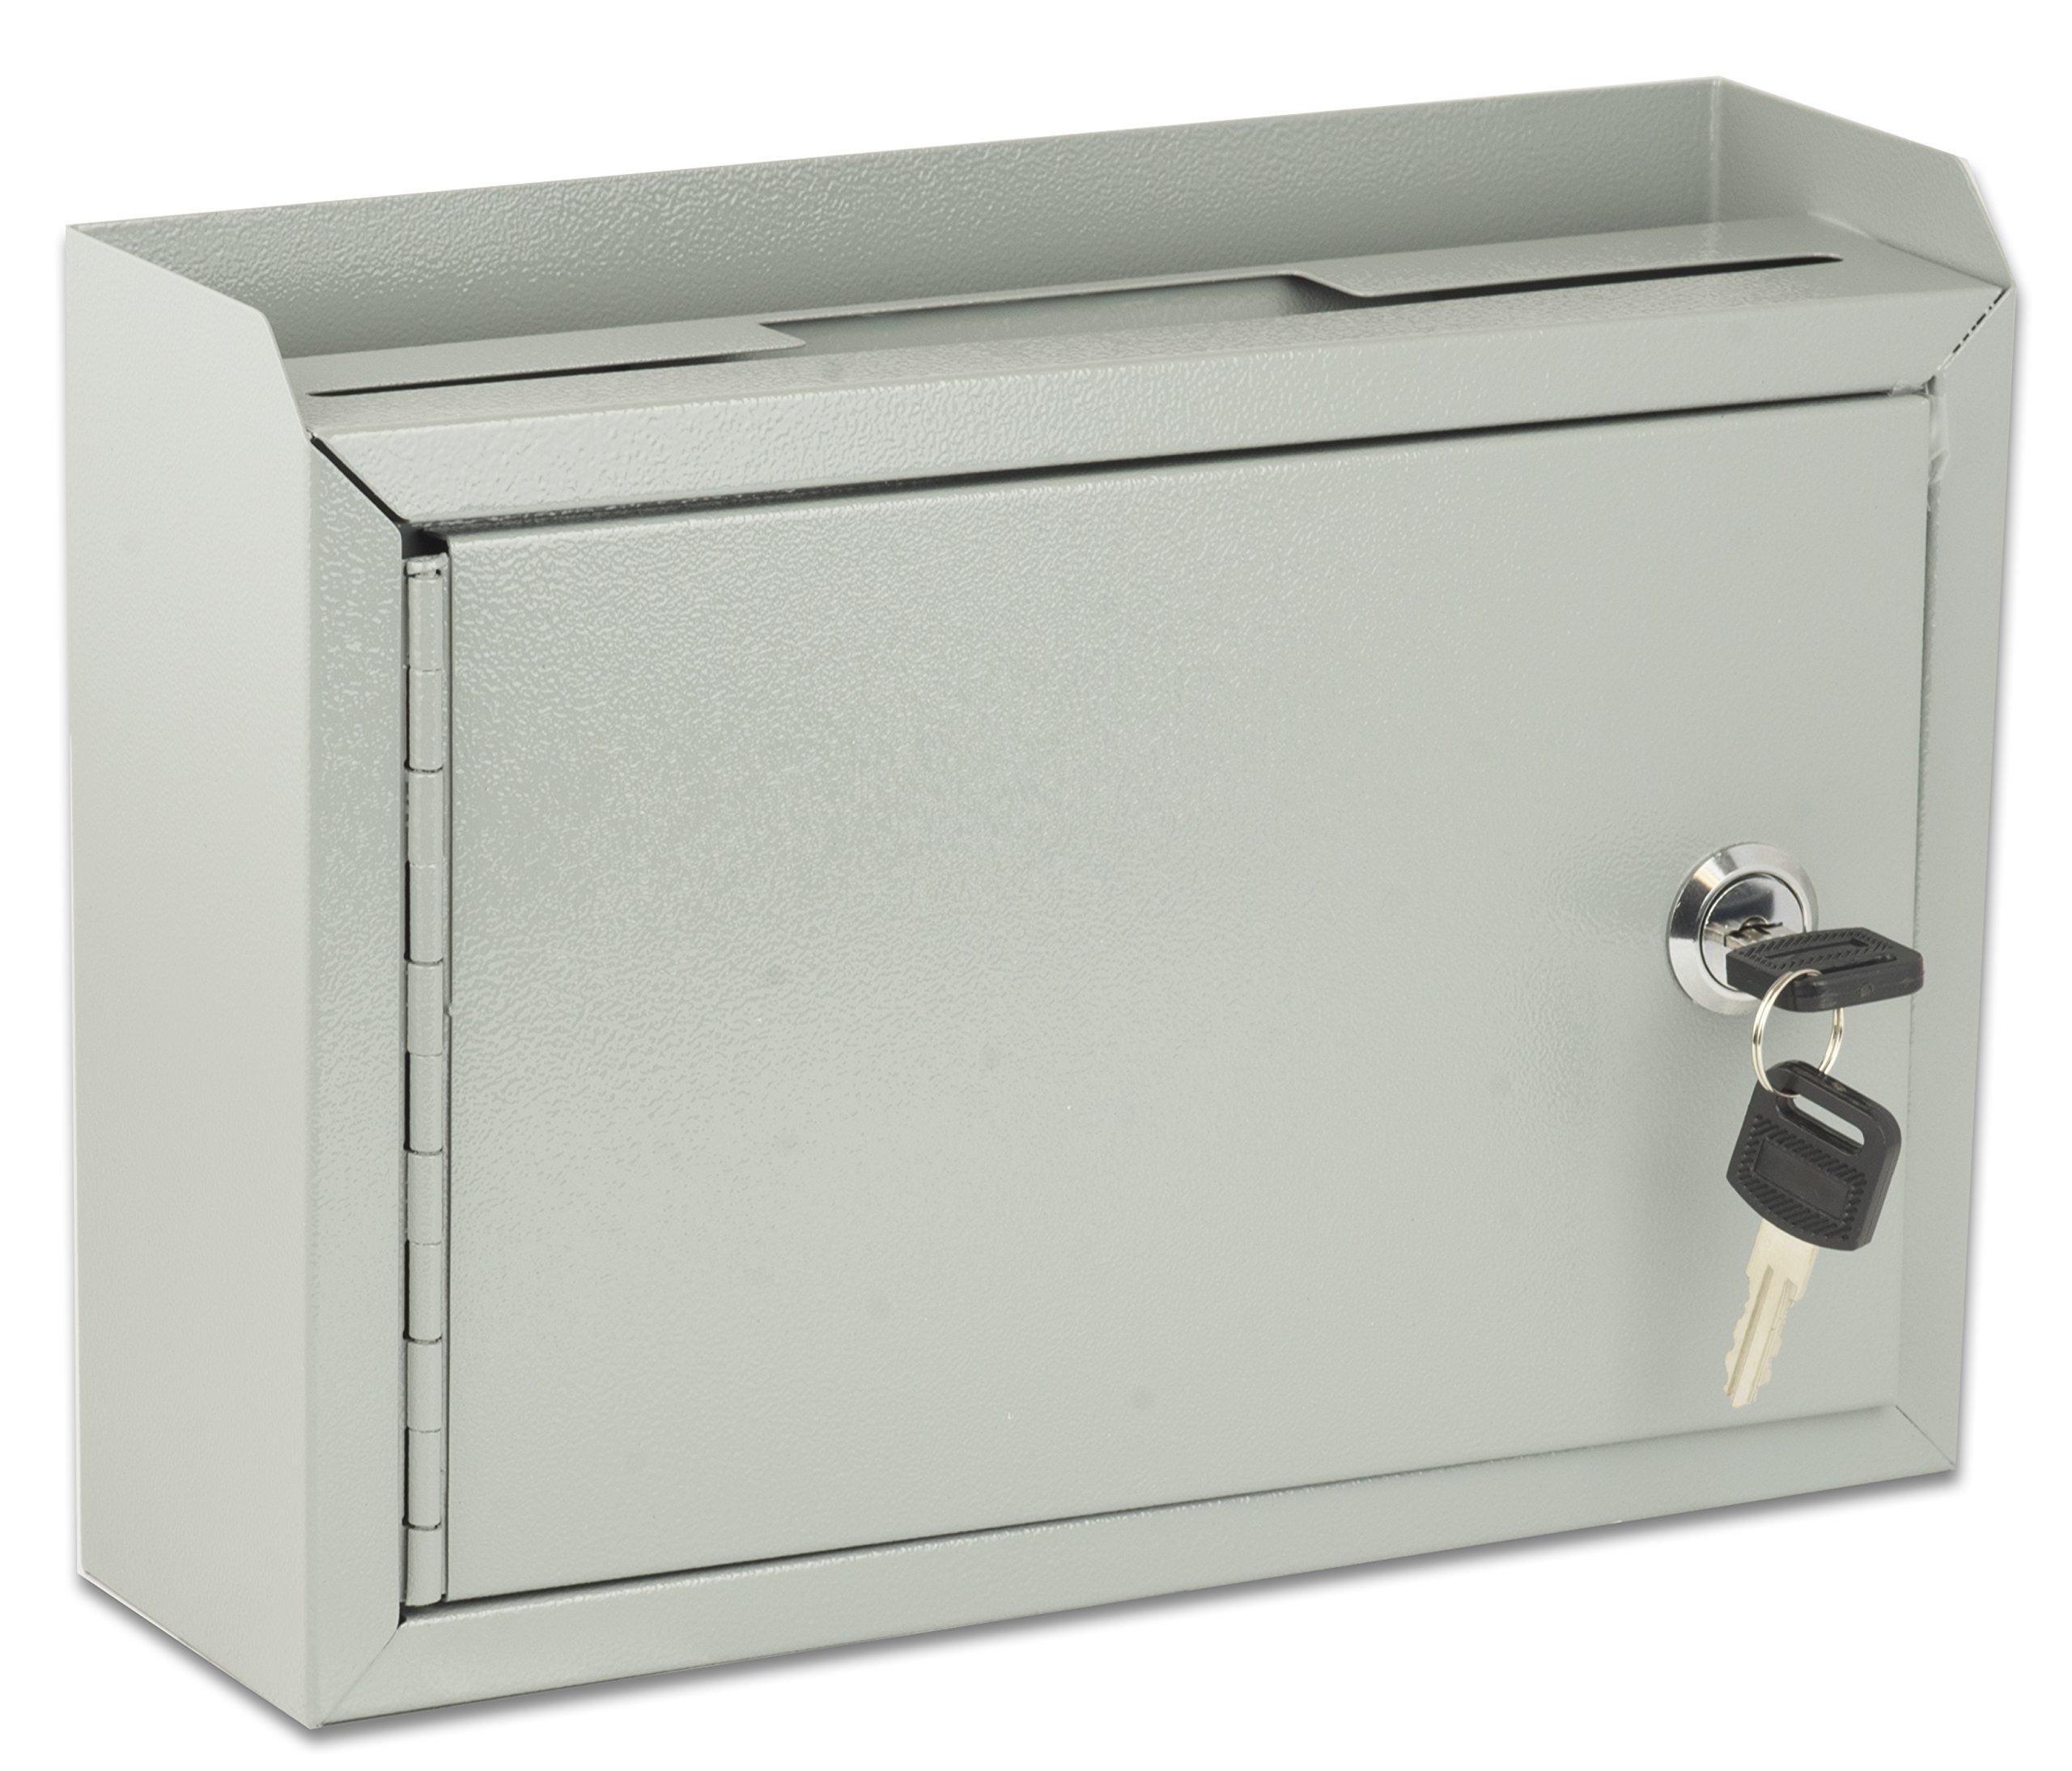 AdirOffice Multi Purpose Wall Mountable Suggestion Box, 9.75'' x 7'' x 3''